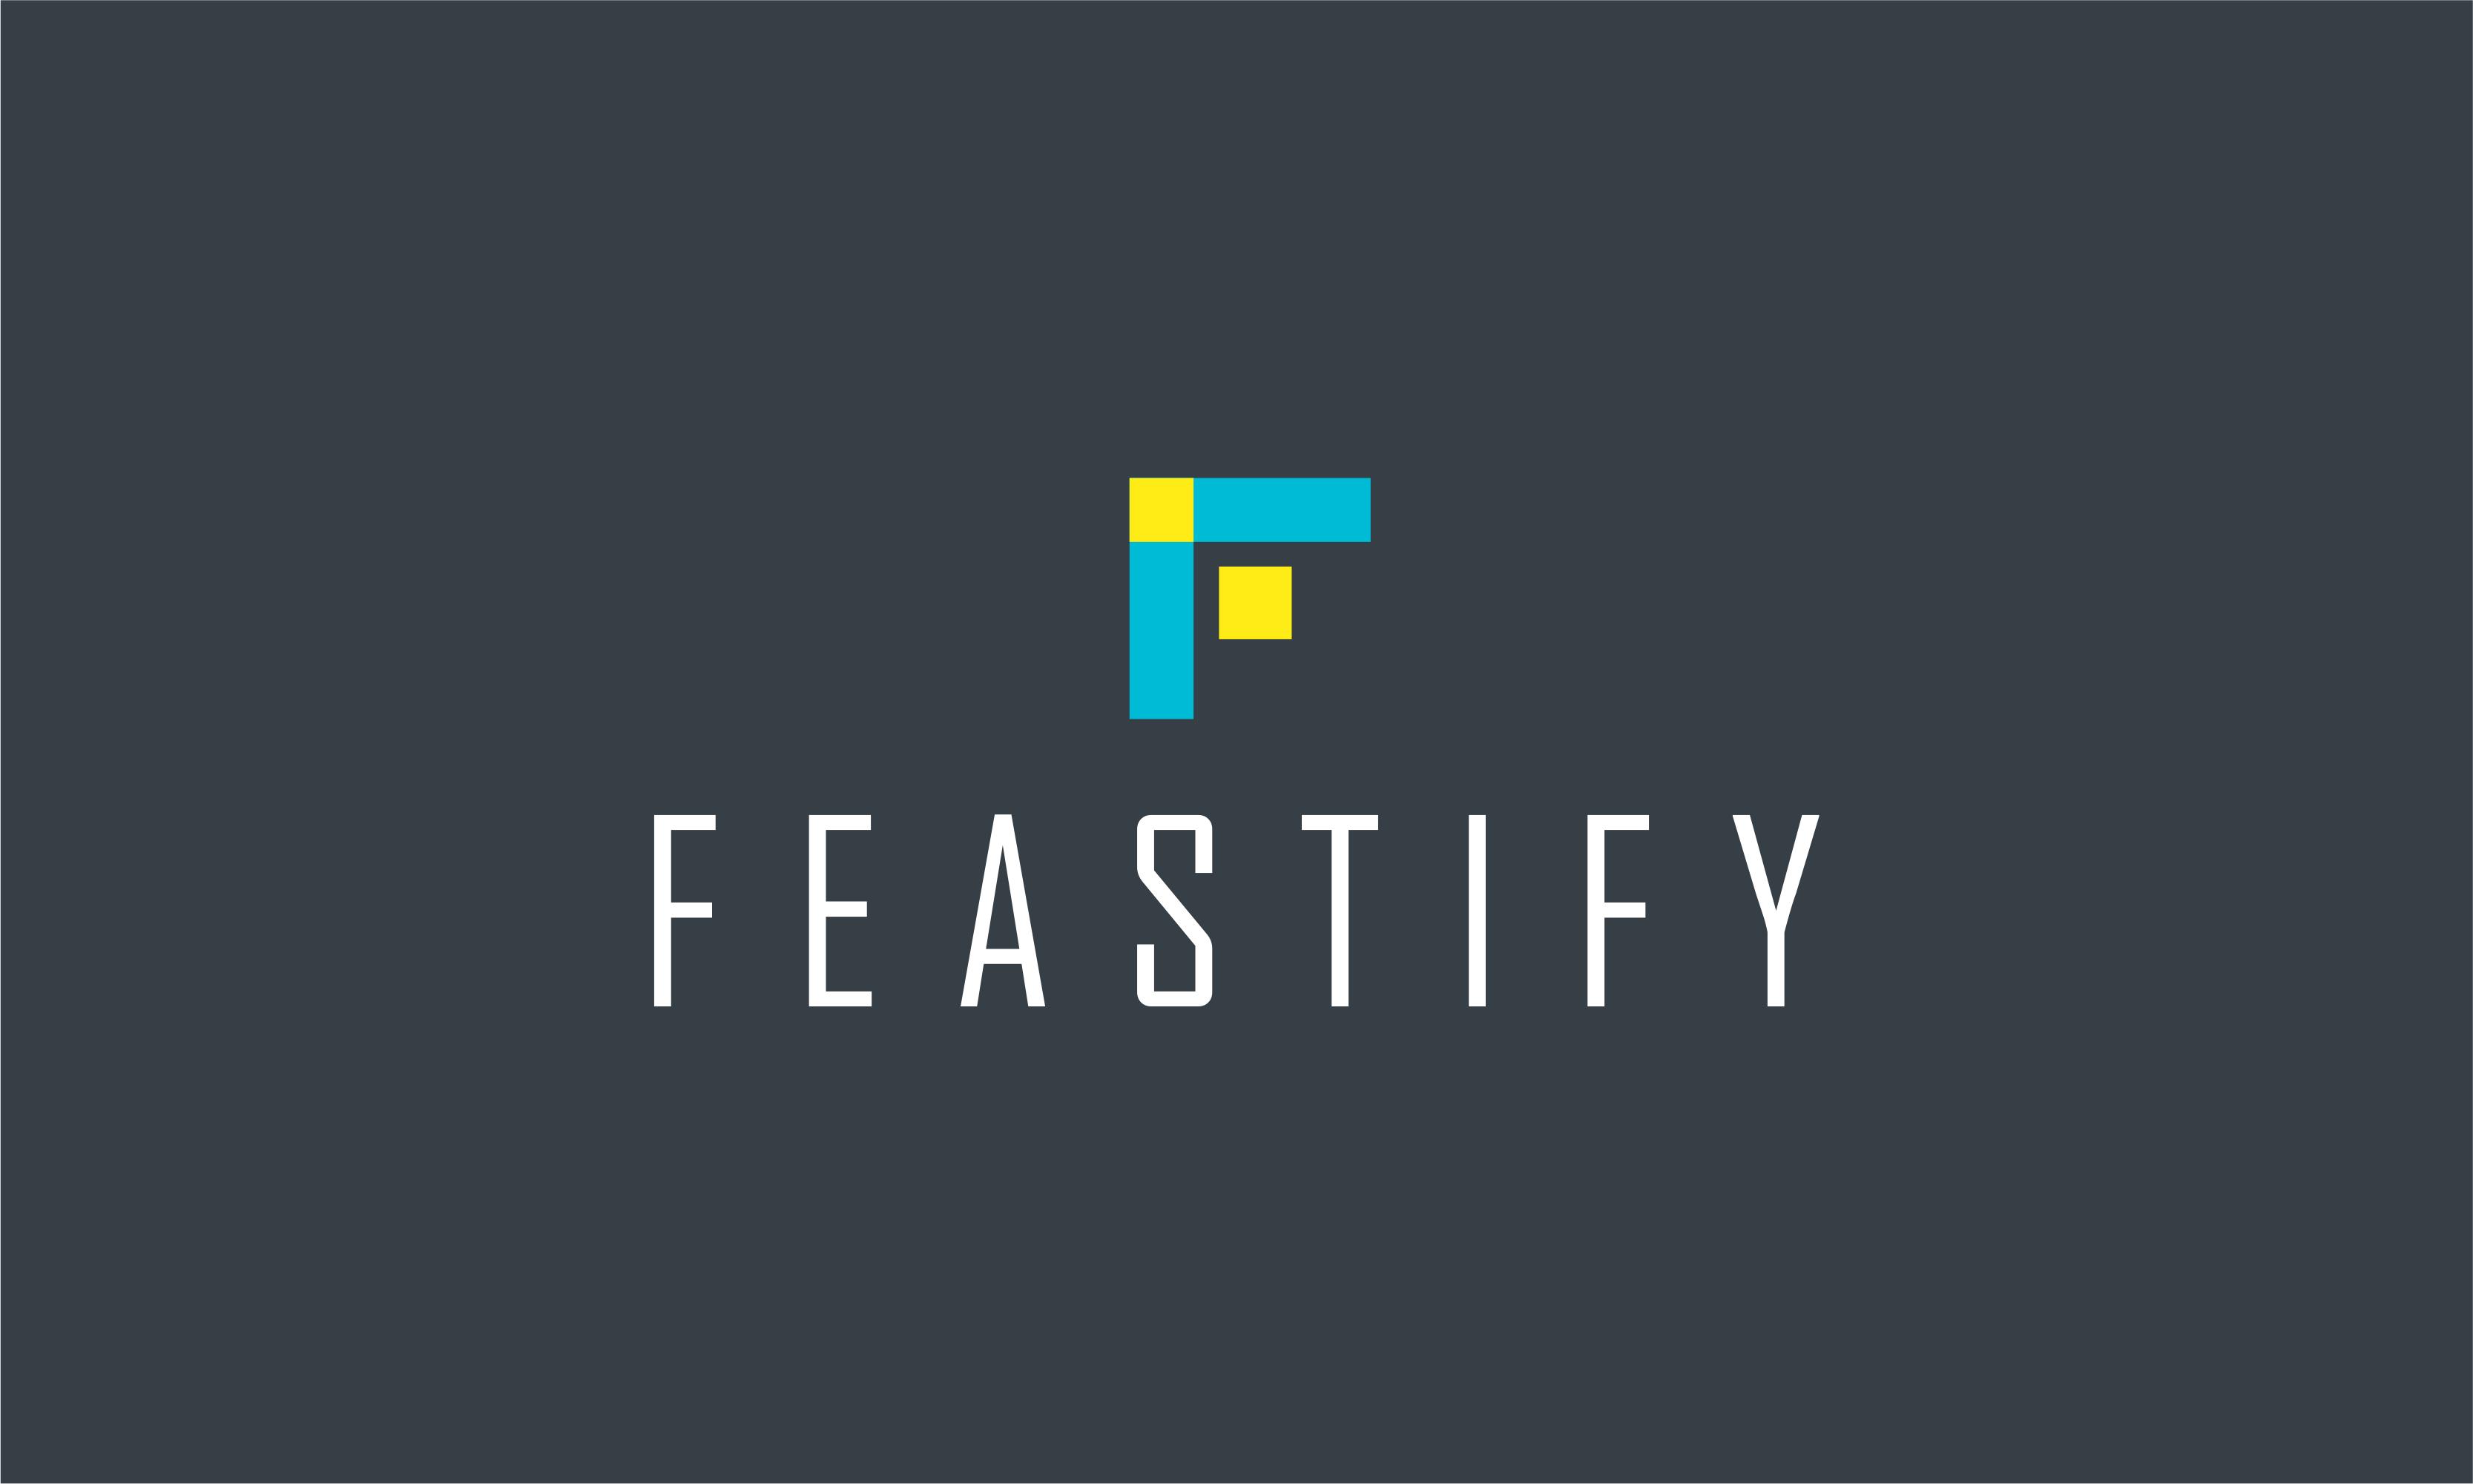 Feastify